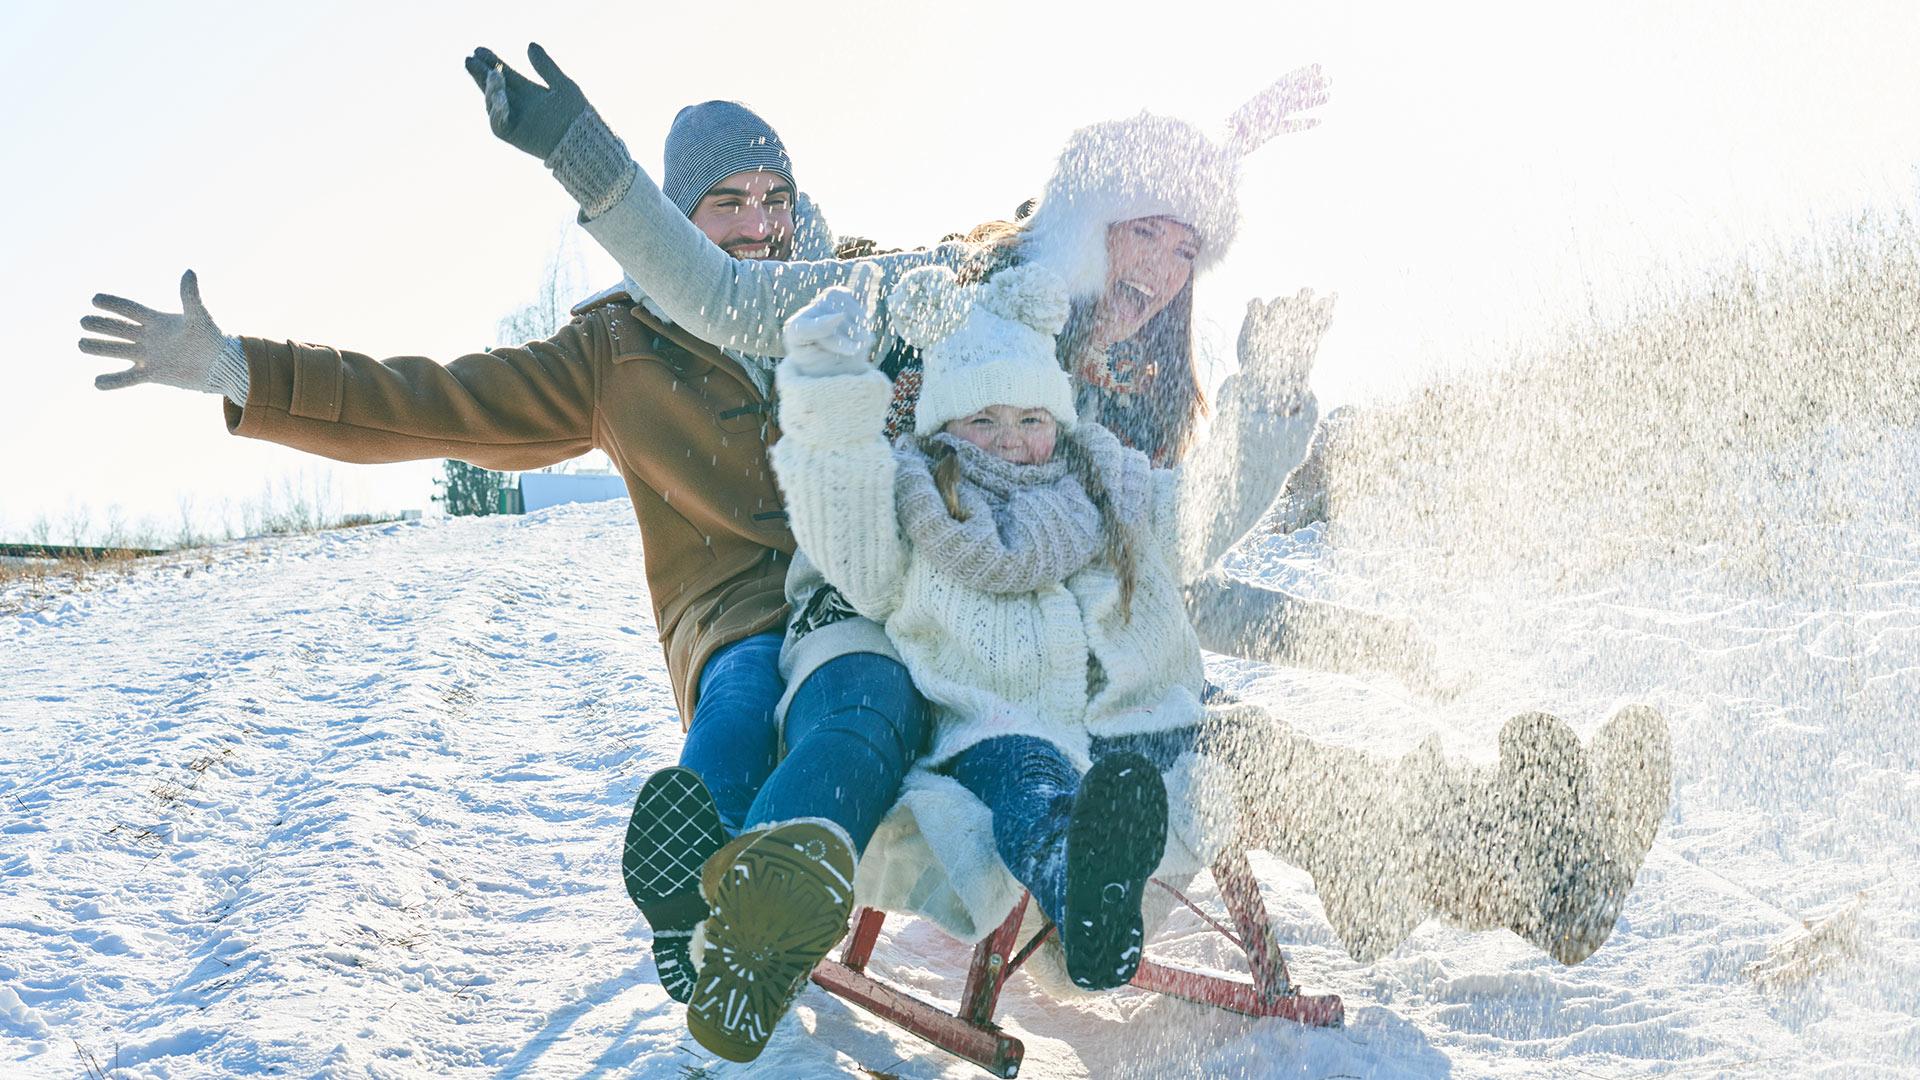 Winter Fun Is Here!